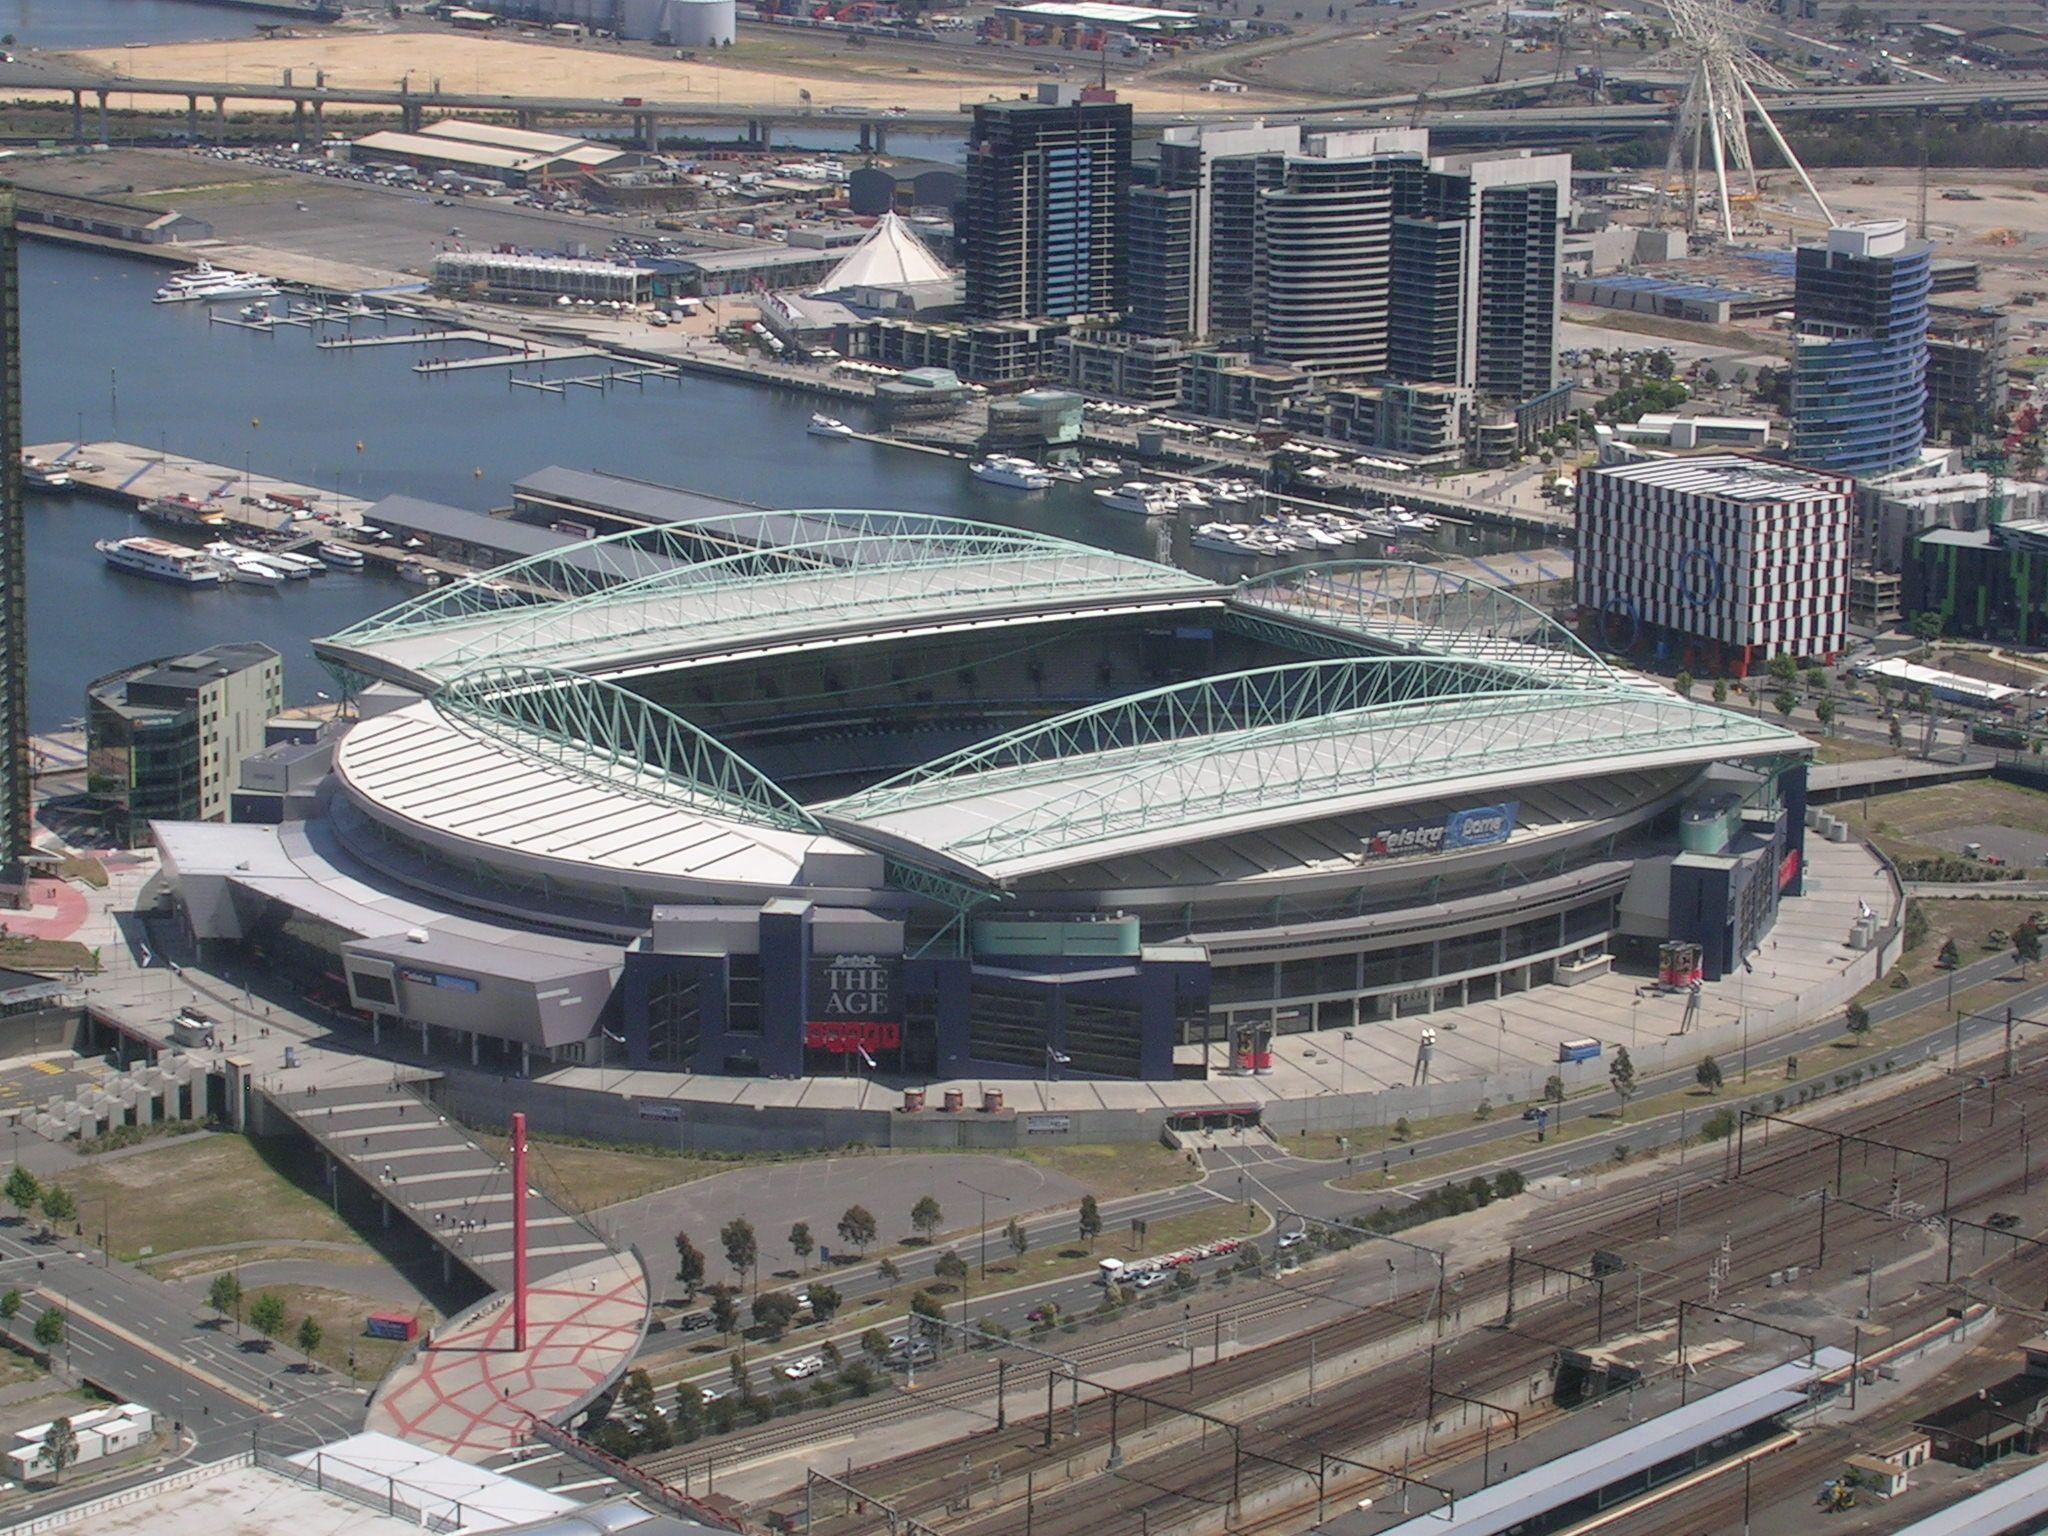 Etihad Stadium Melbourne Capicity: 56,000 | Docklands stadium, Docklands,  Australia travel